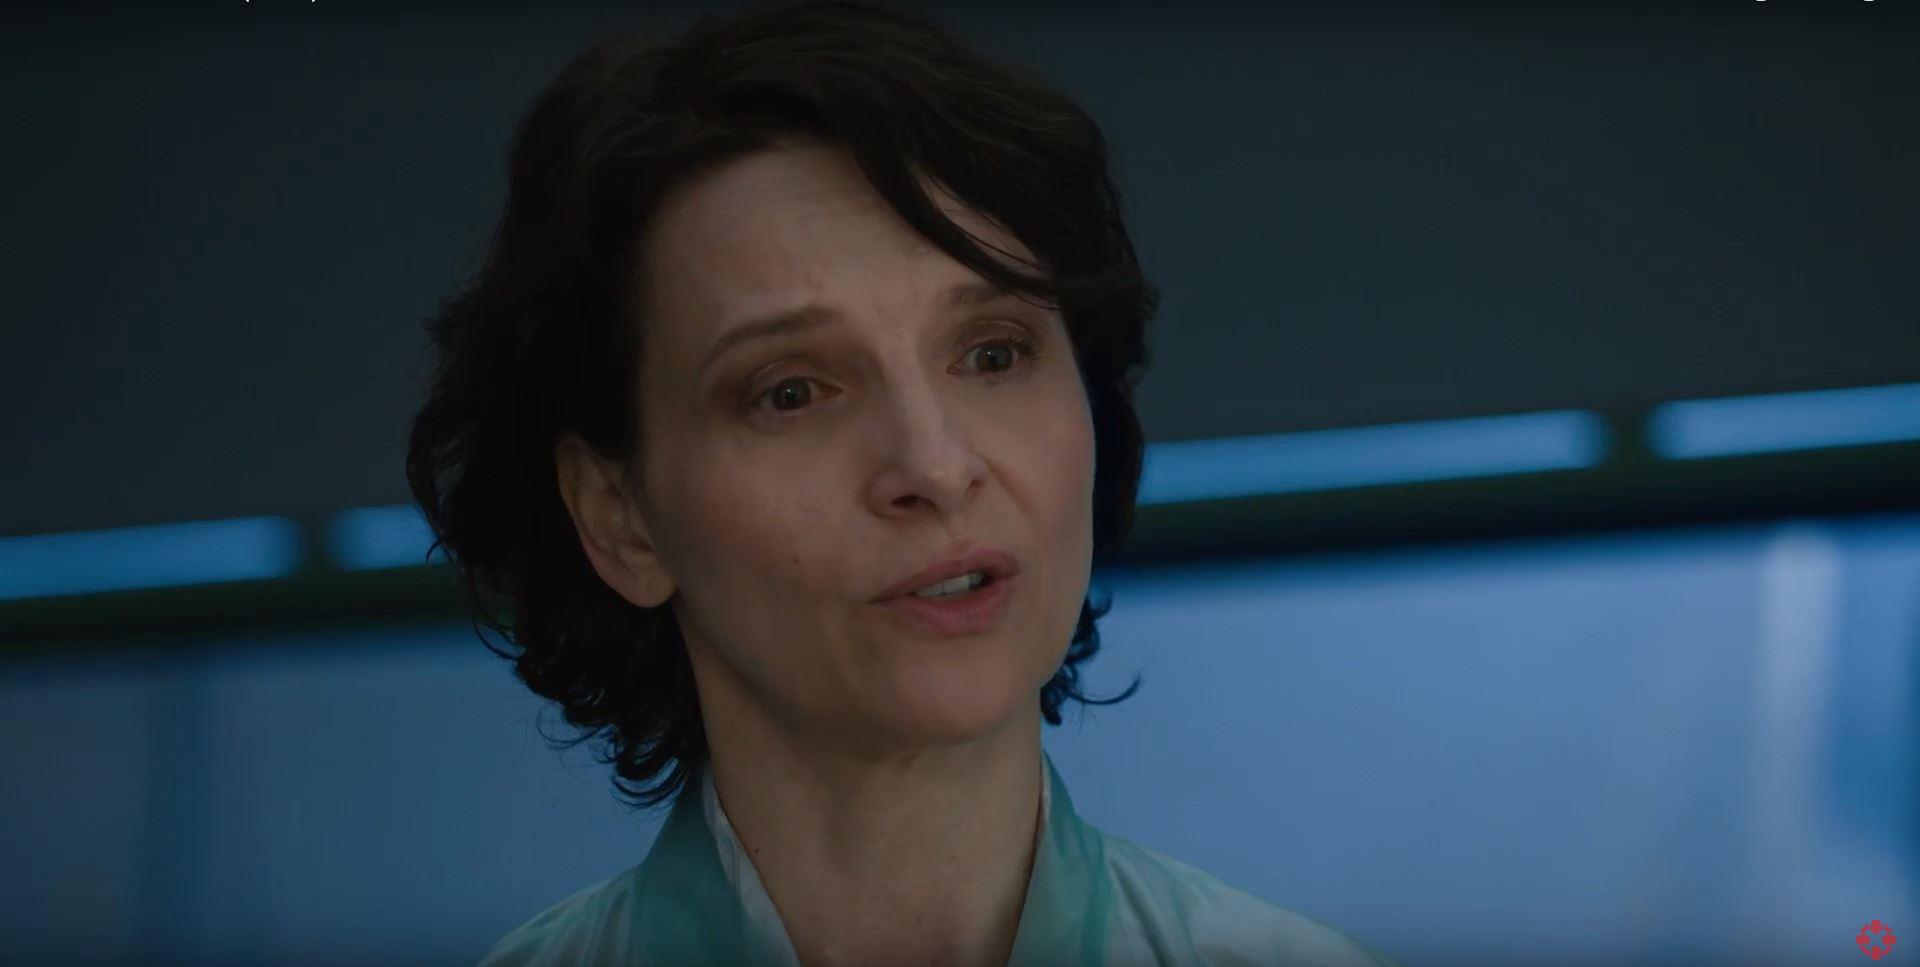 Juliette Binoche as Dr. Ouélet - Ghost In The Shell